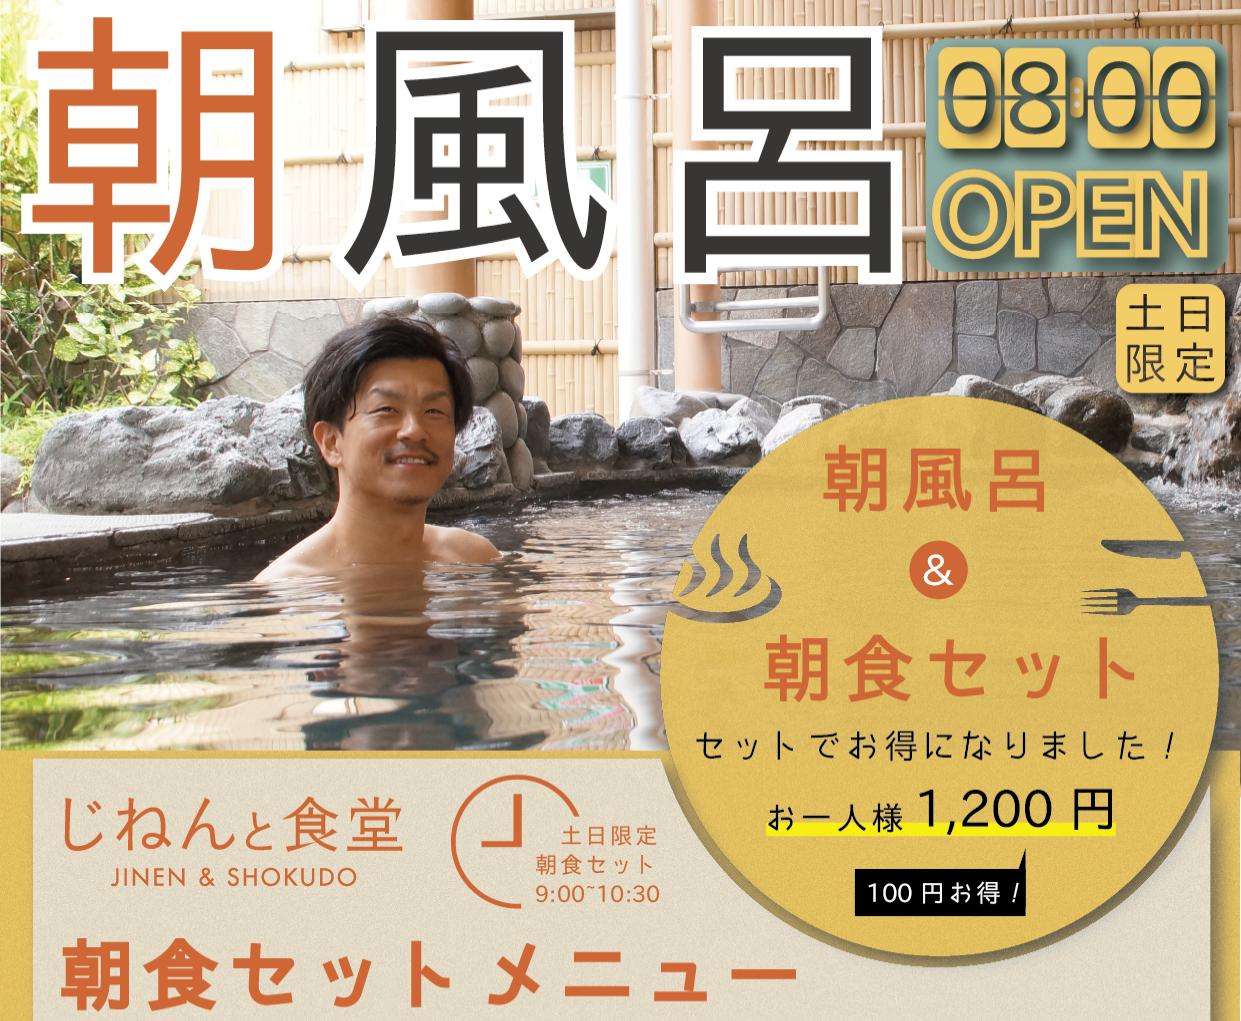 朝風呂 土日限定8時より営業!